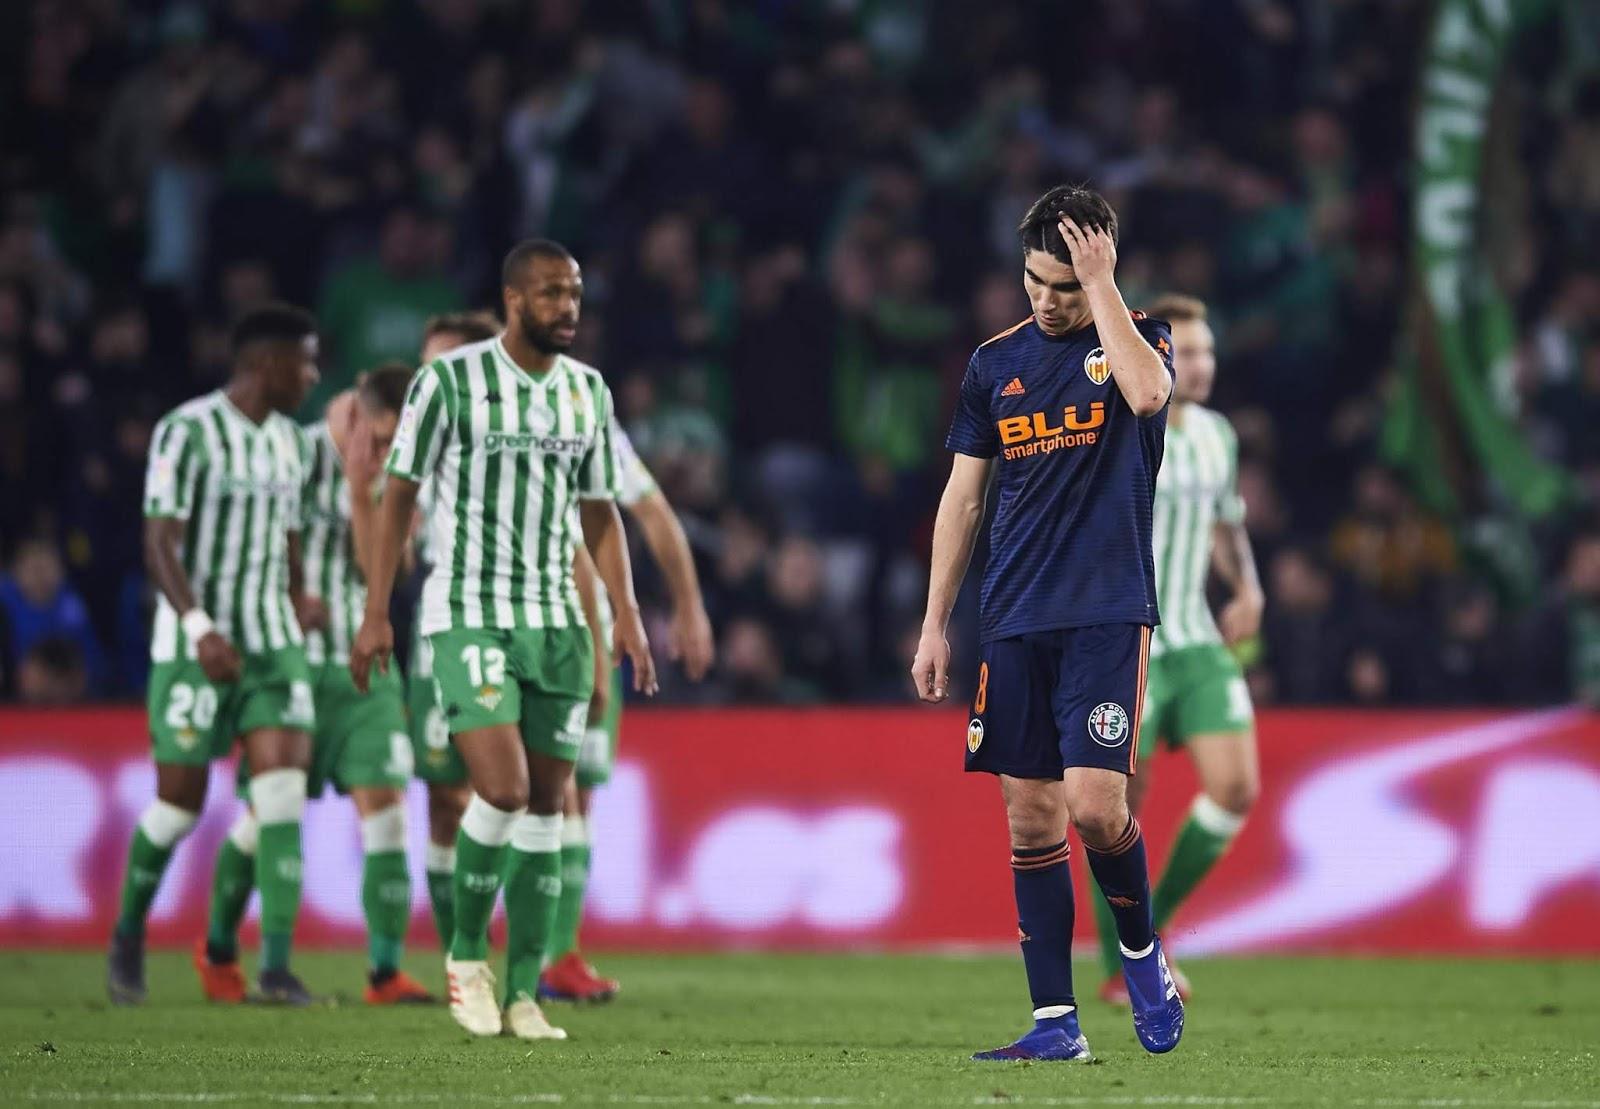 مشاهدة مباراة فالنسيا وريال بيتيس بث مباشر اليوم 23-11-2019 في الدوري الاسباني